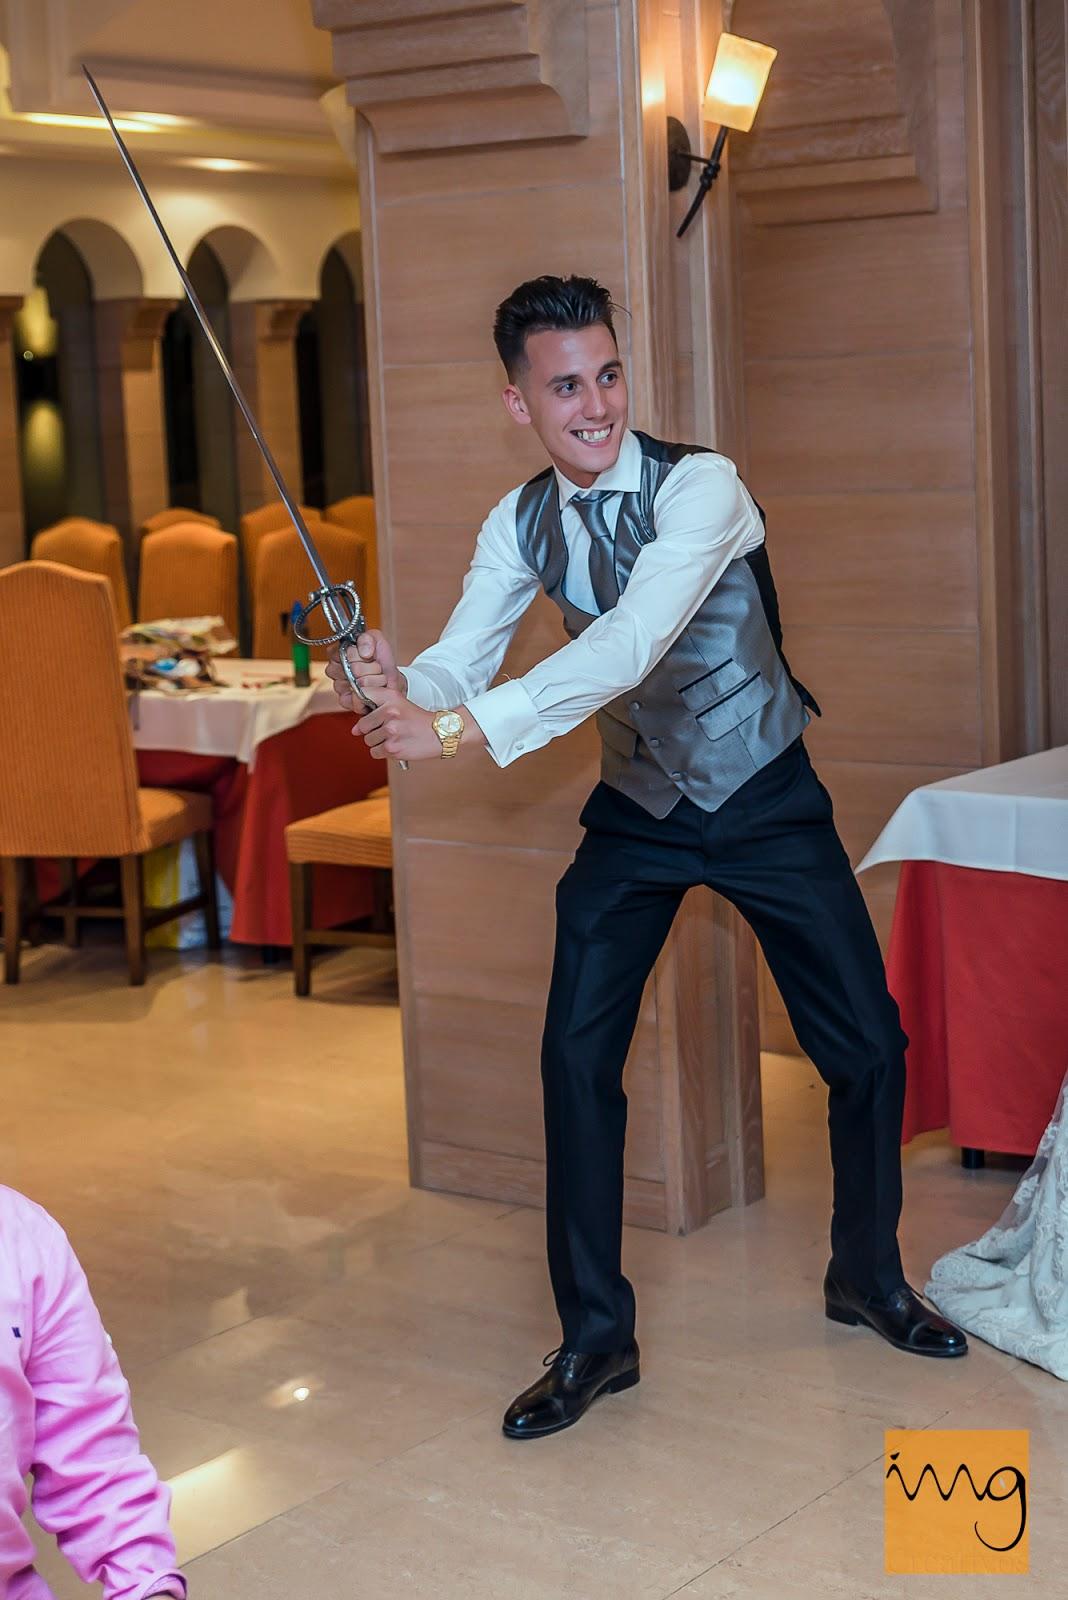 Fotografía divertida del novio con la espada para cortar la tarta de boda.